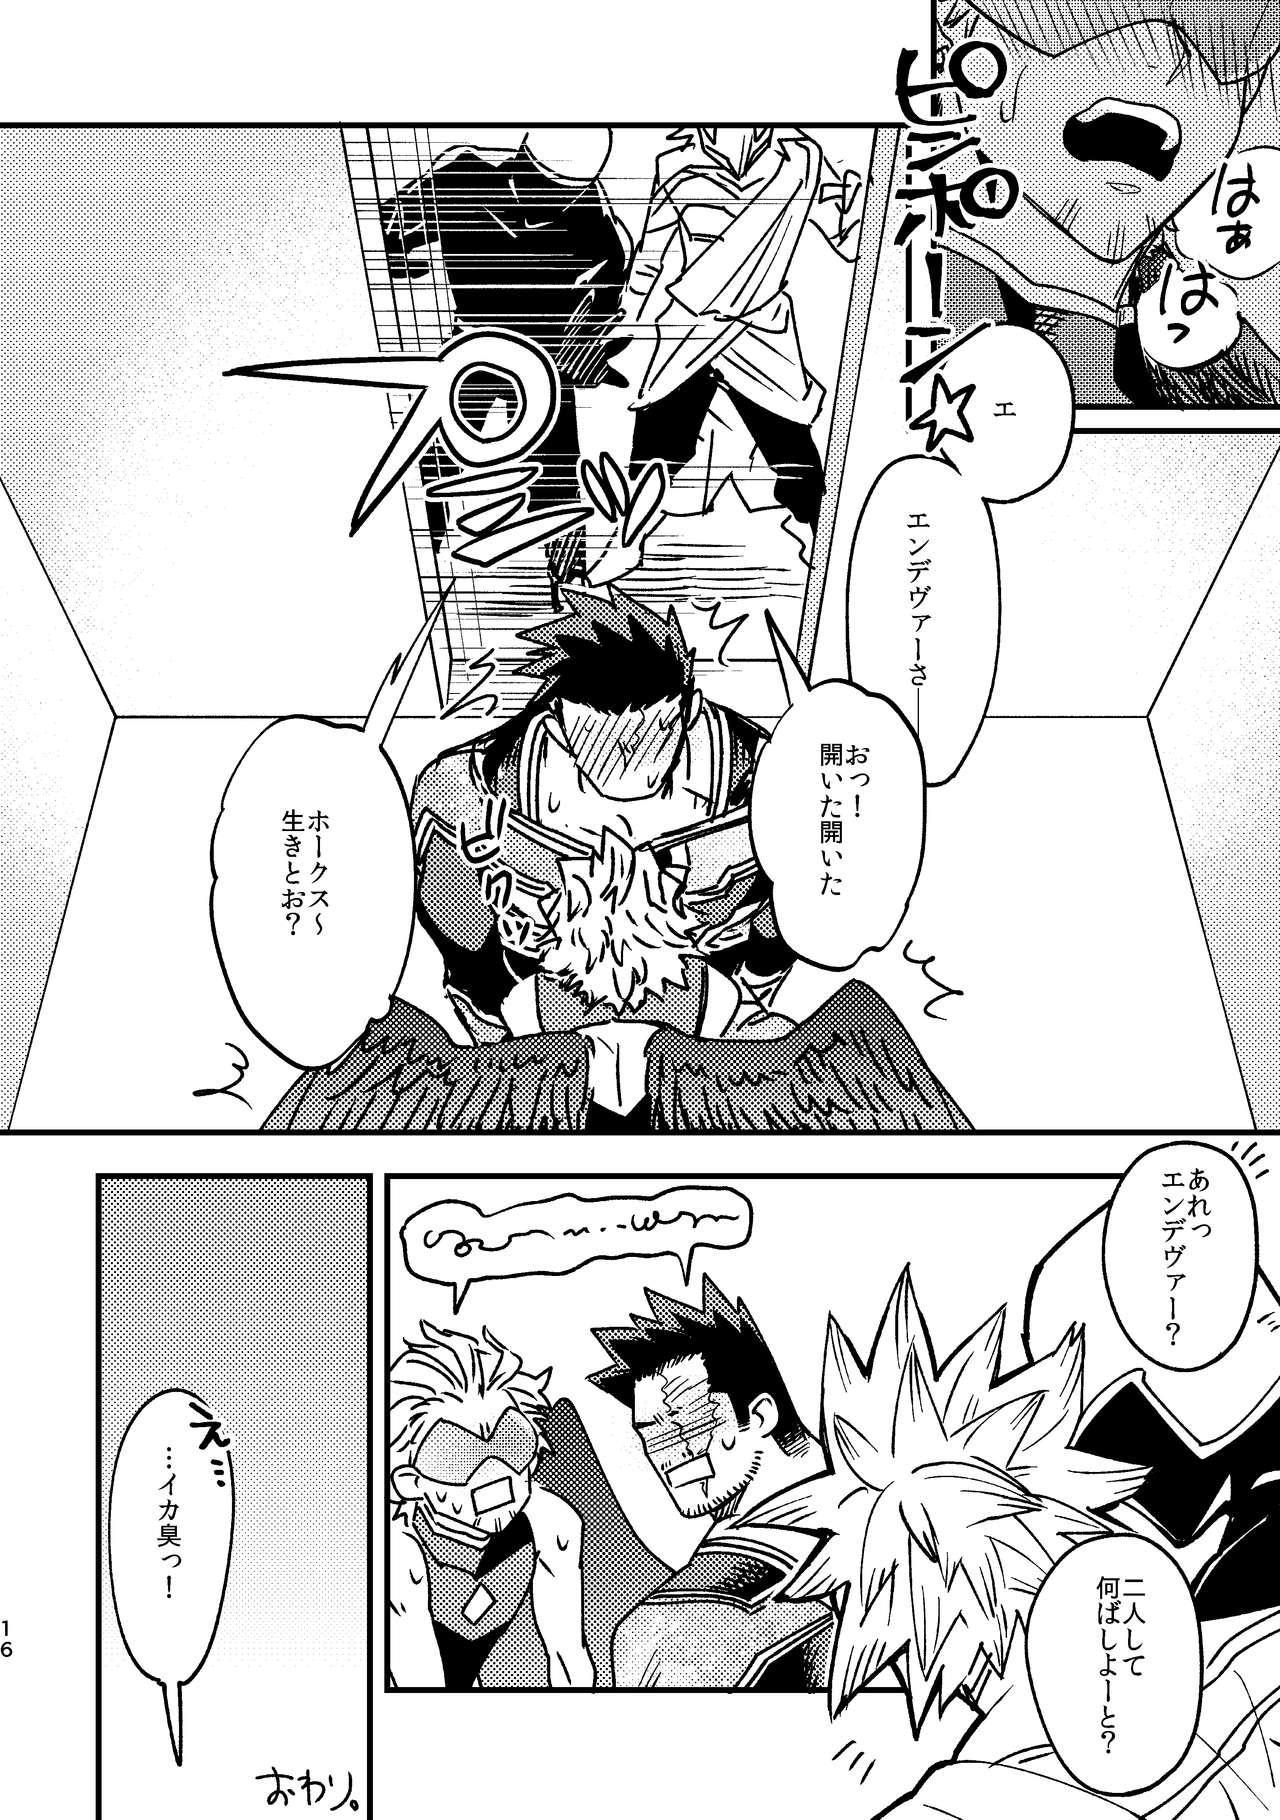 WEB Sairoku Zumi HawEn Manga ga Kami demo Yomeru Hon. 15